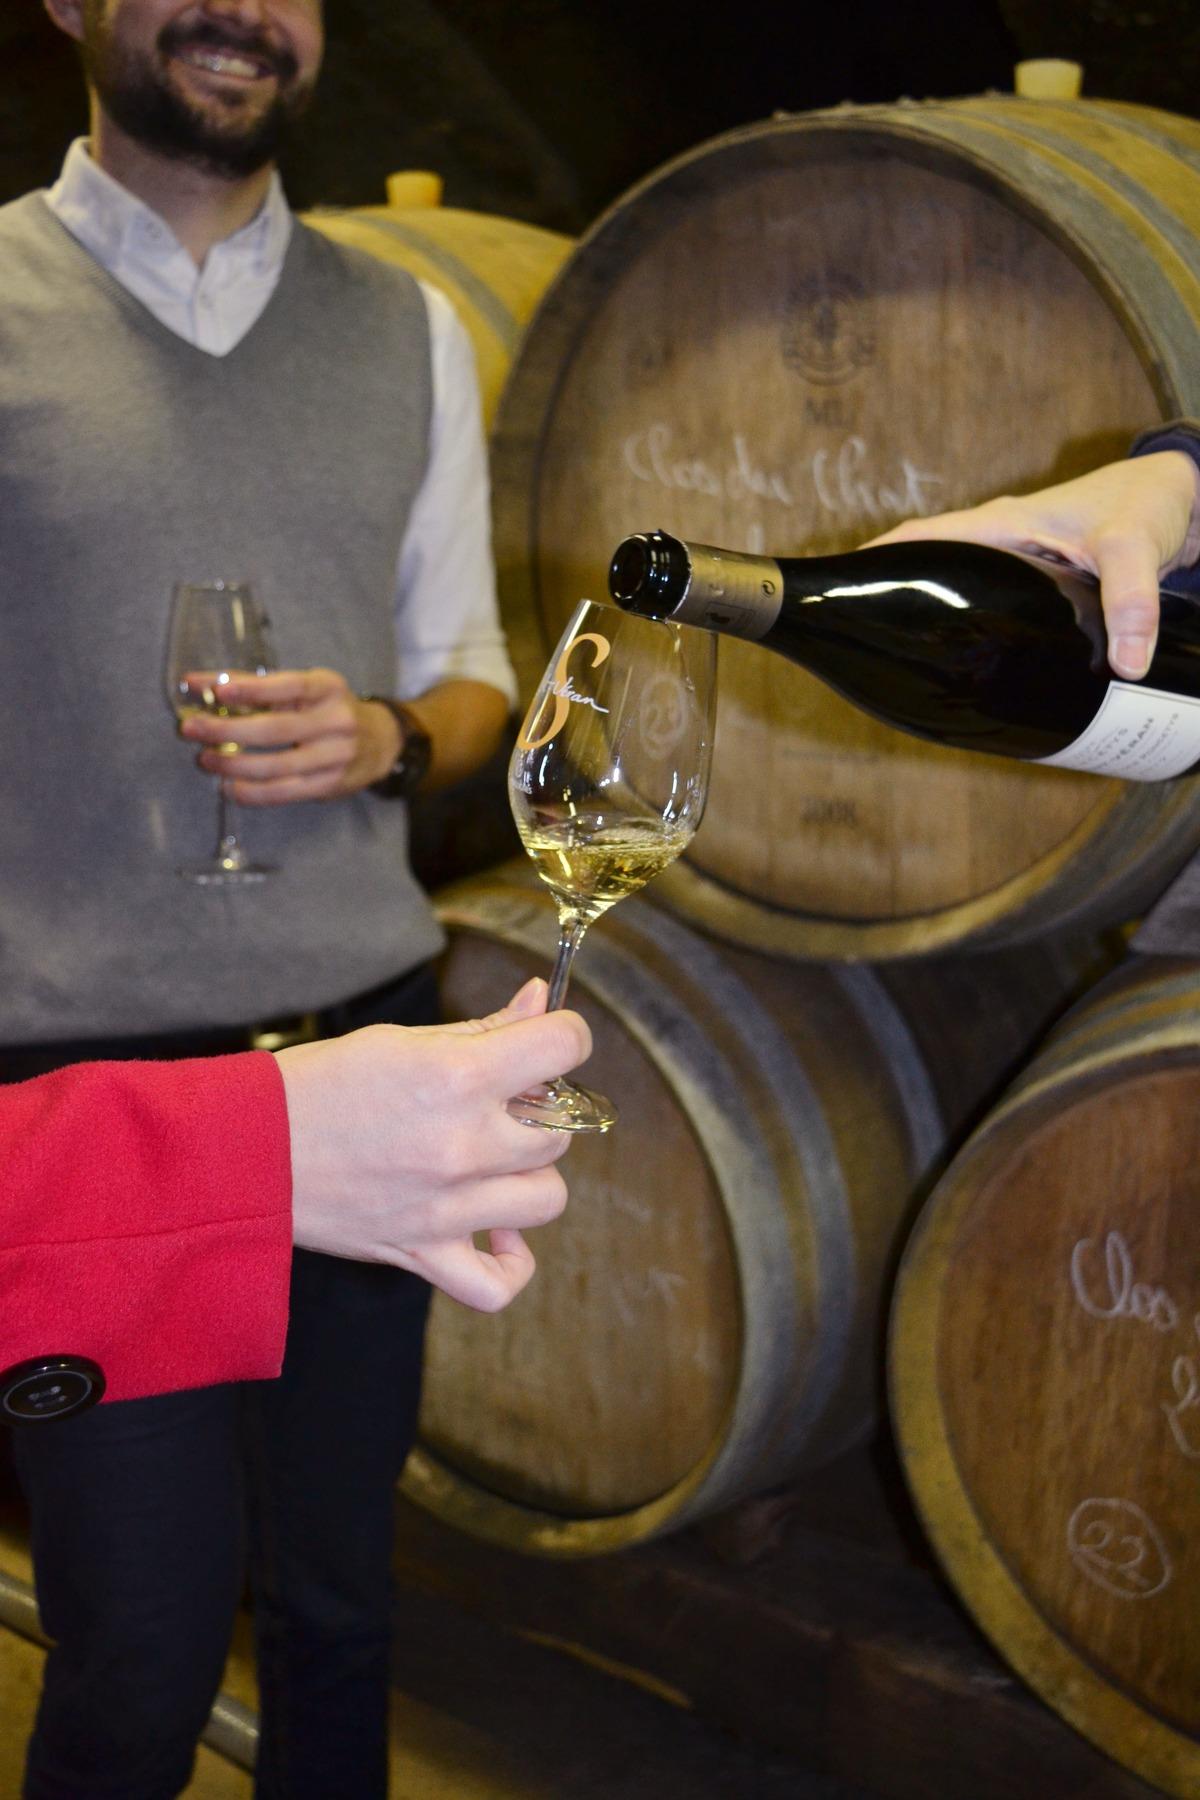 Découvrez le berceau du Chardonnay en Bourgogne